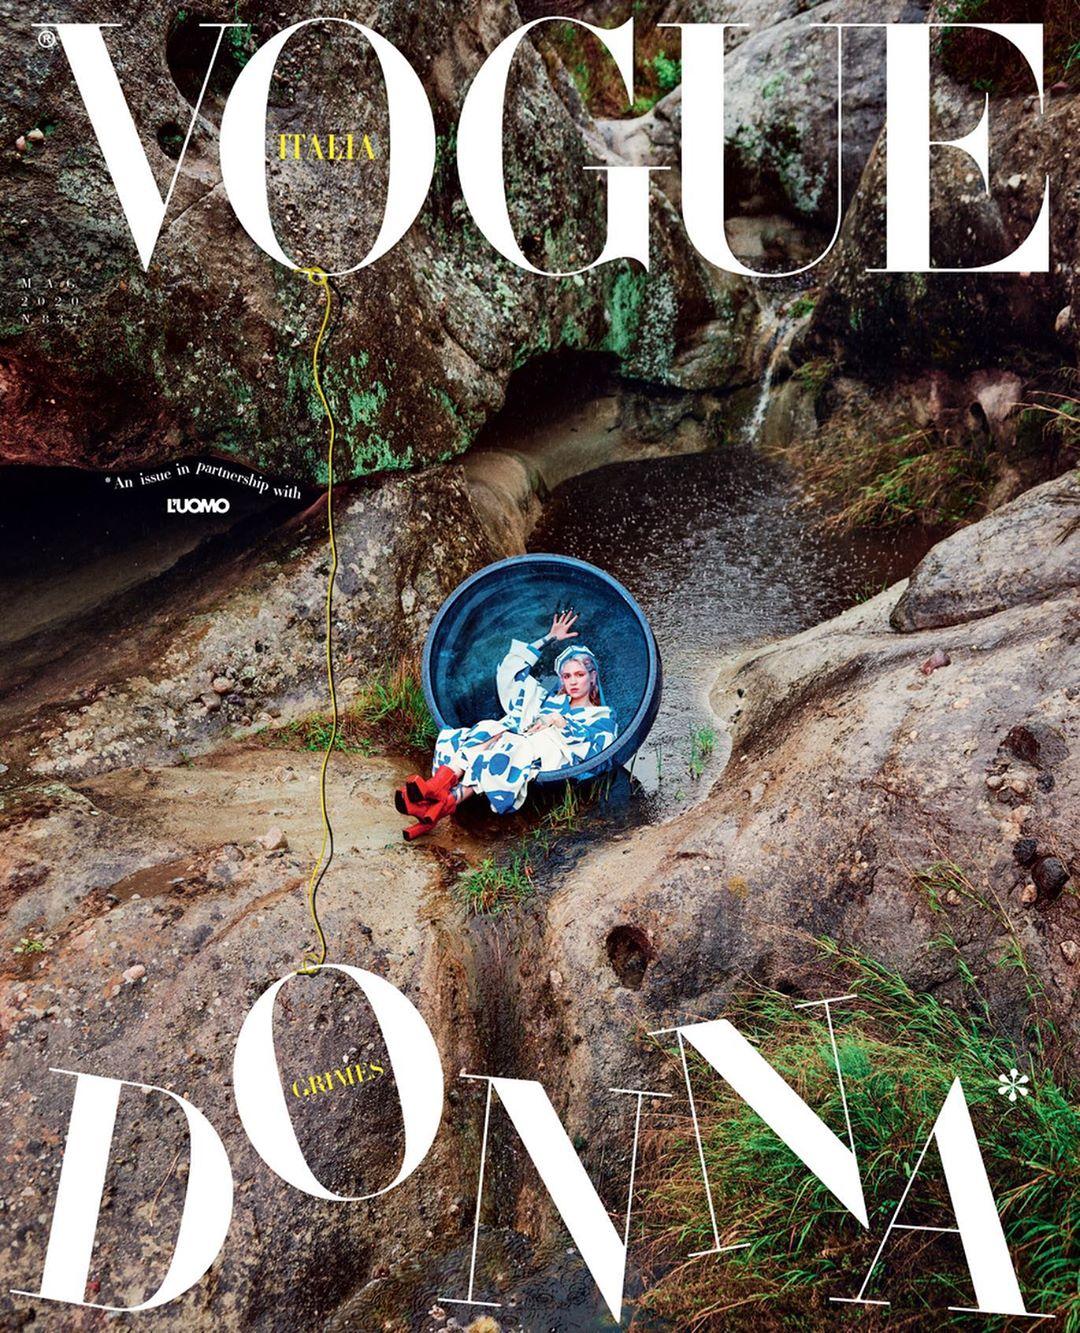 grimes Vogue Italia